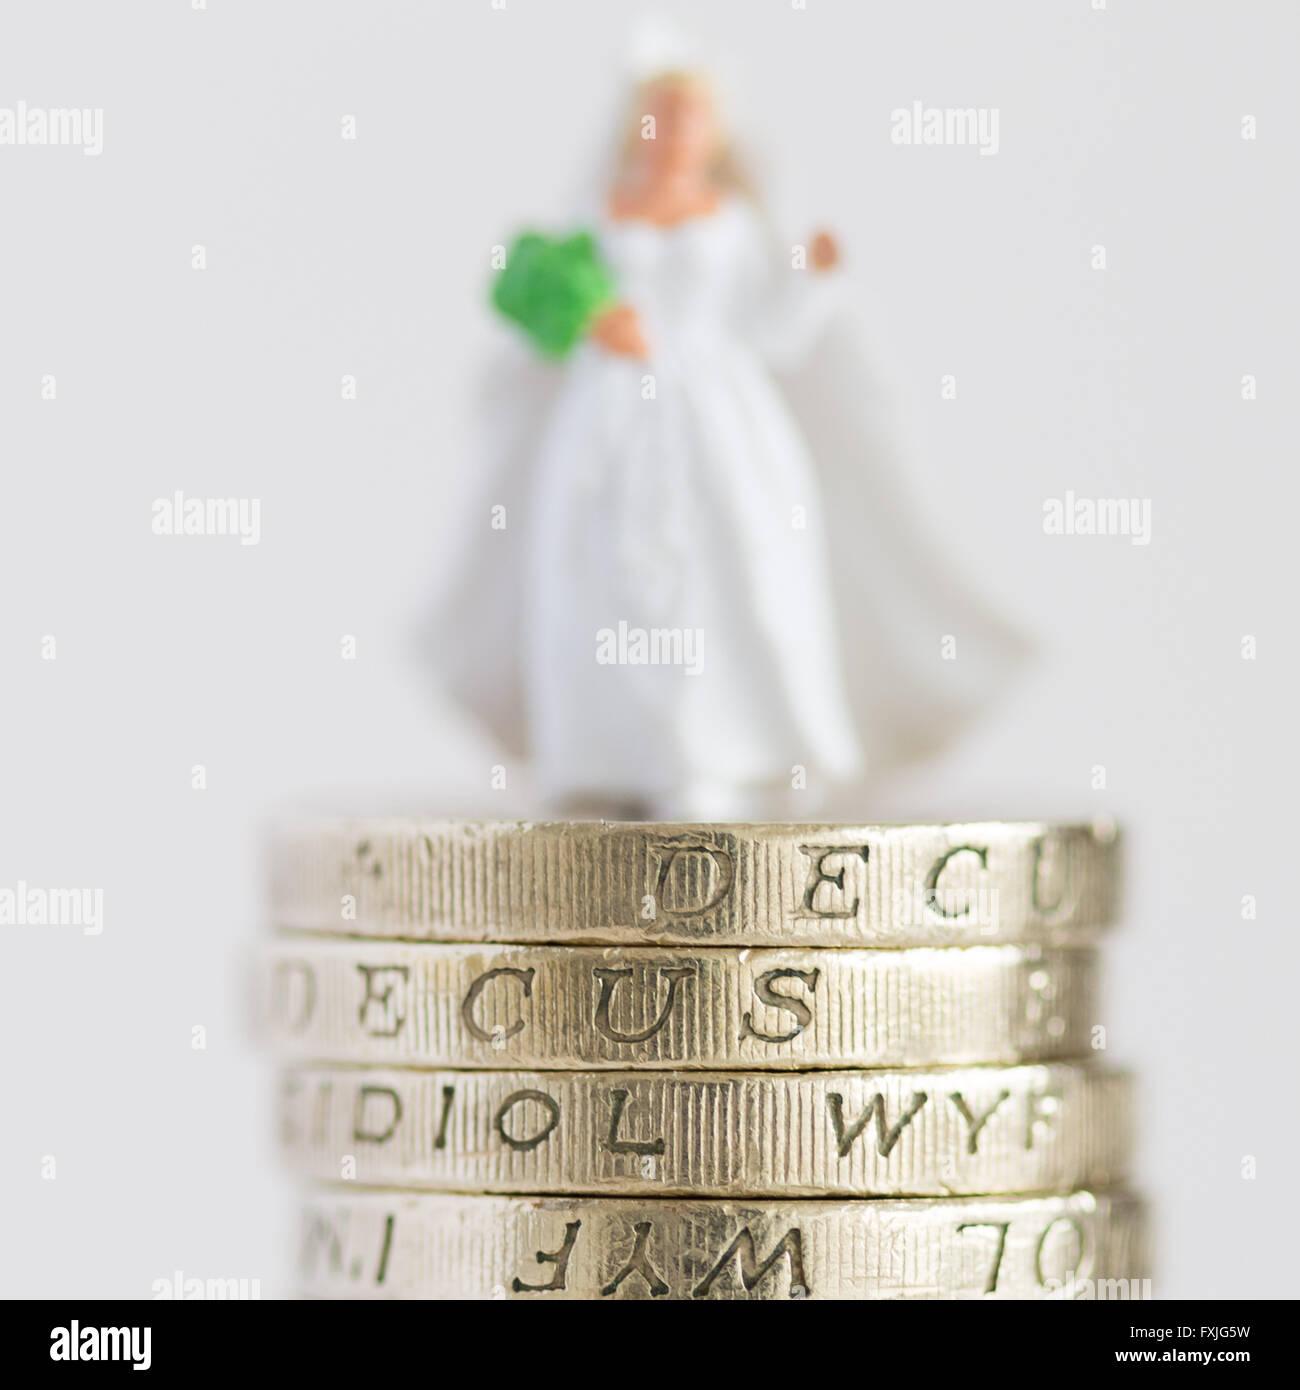 Pound marriage 1